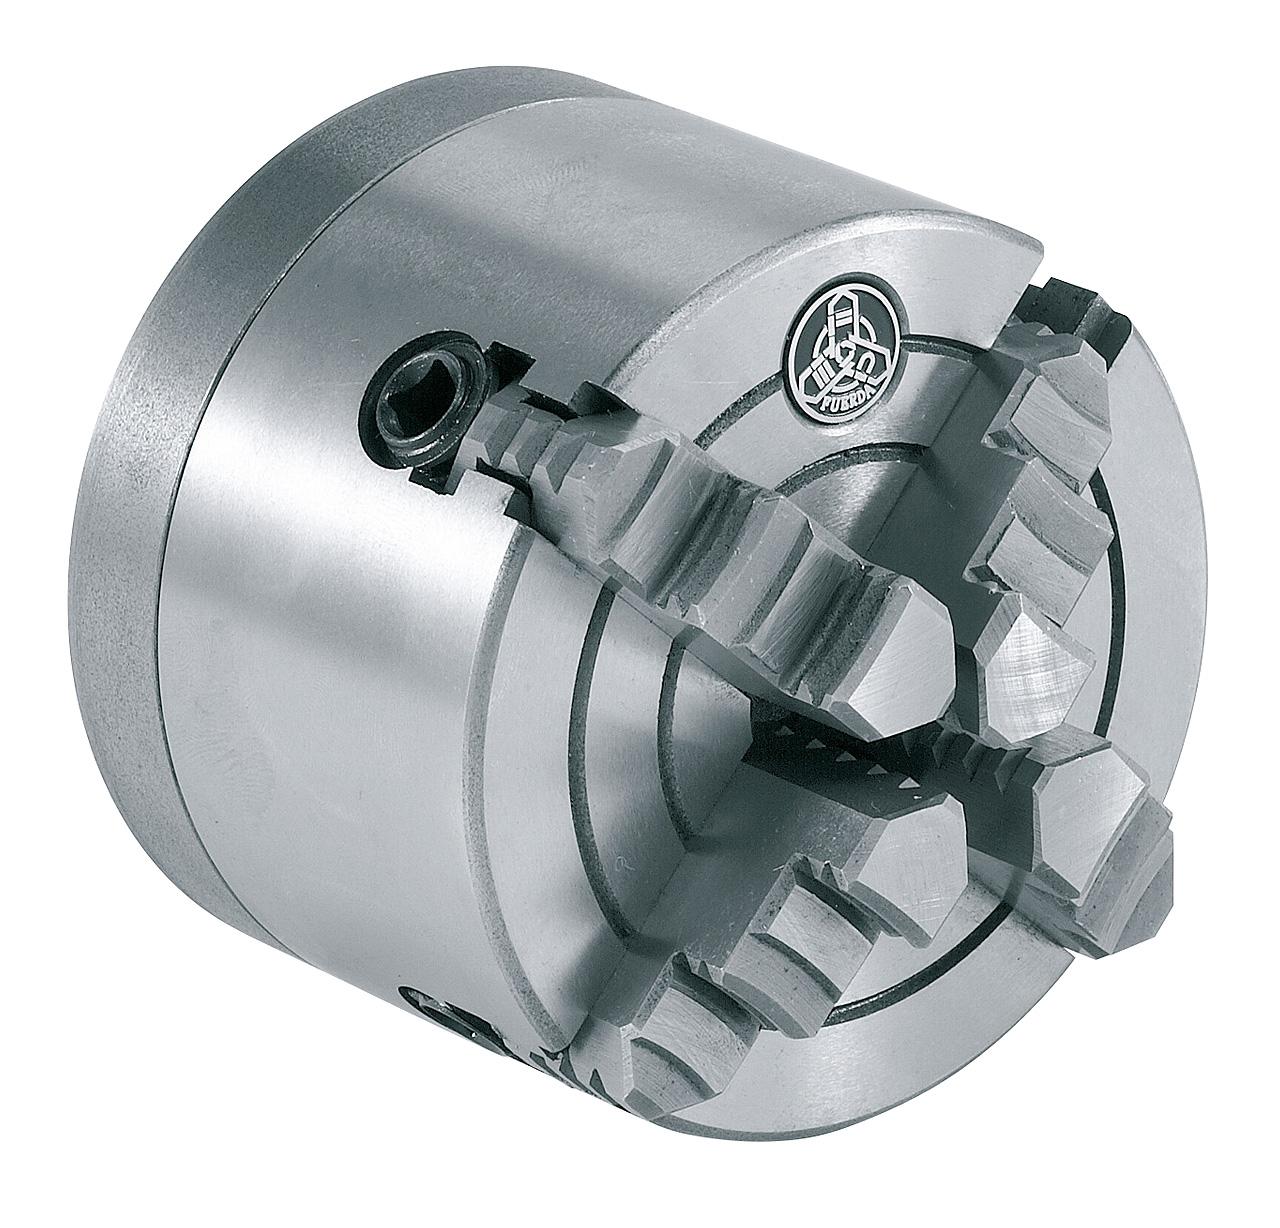 4 szczękowy uchwyt tokarski niezależny 100 mm do Hobby 300 VD / 350 VD / 300 / 400 Super BERNARDO